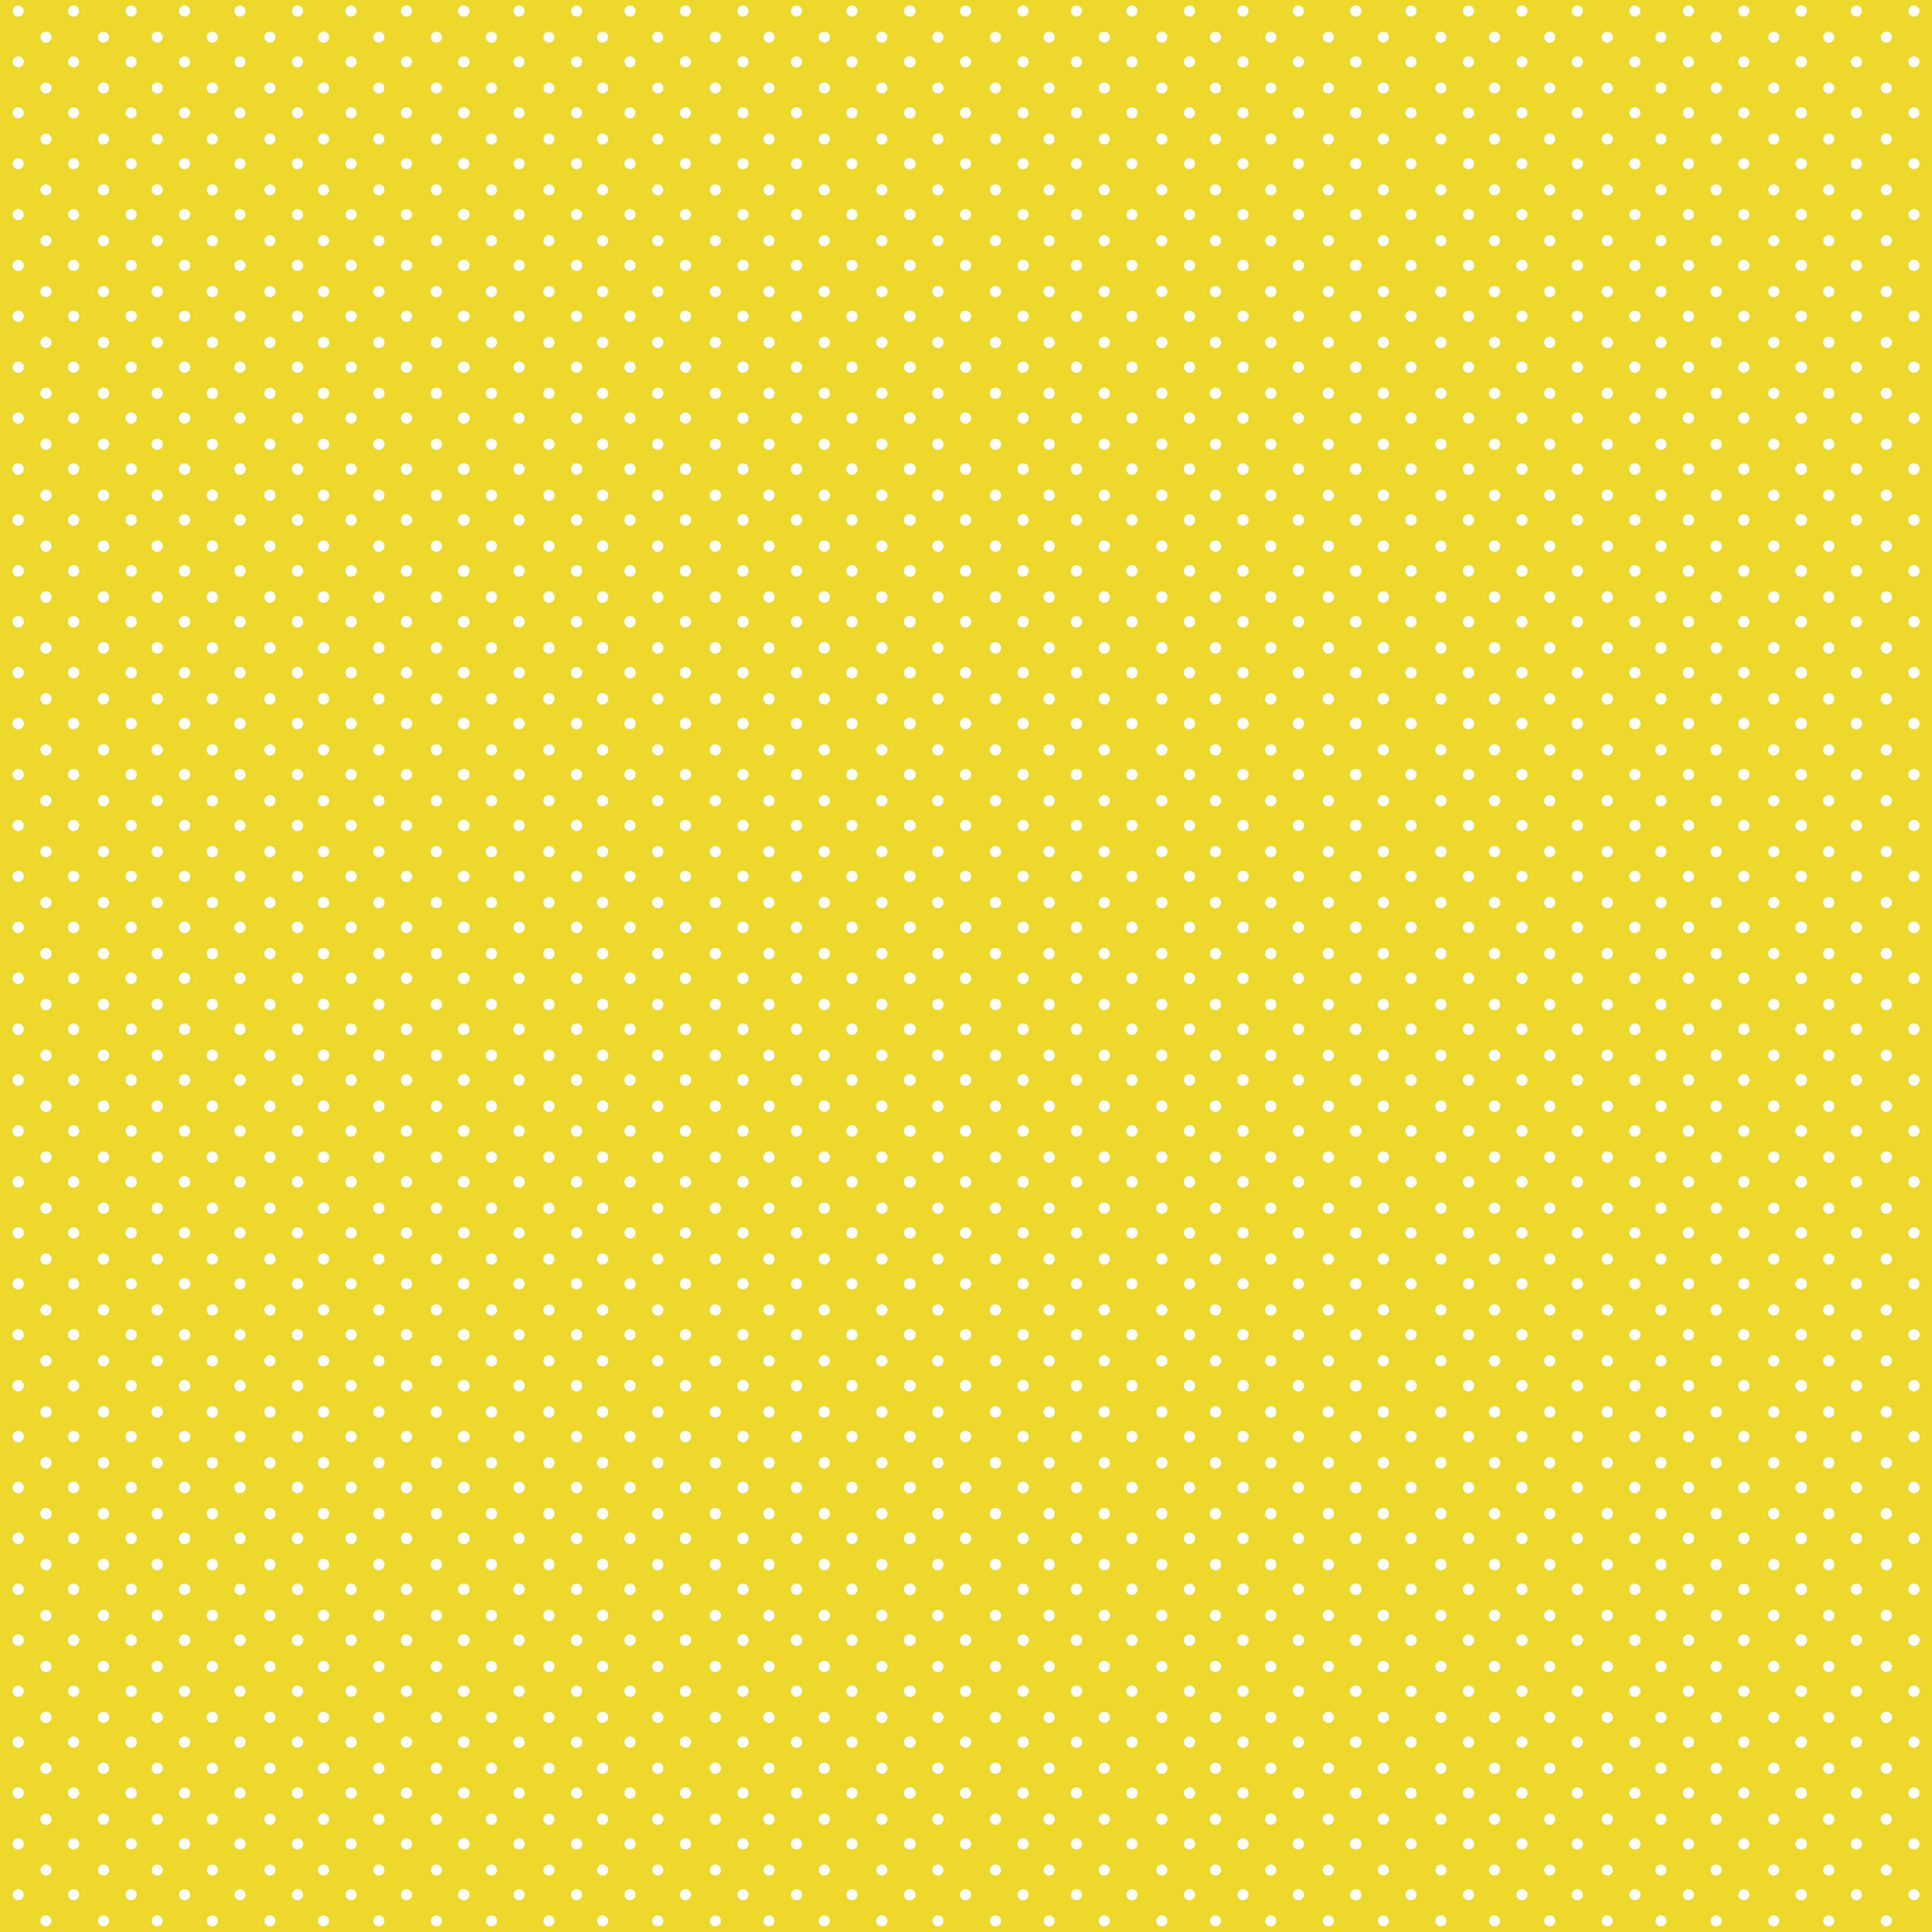 yellow-swiss